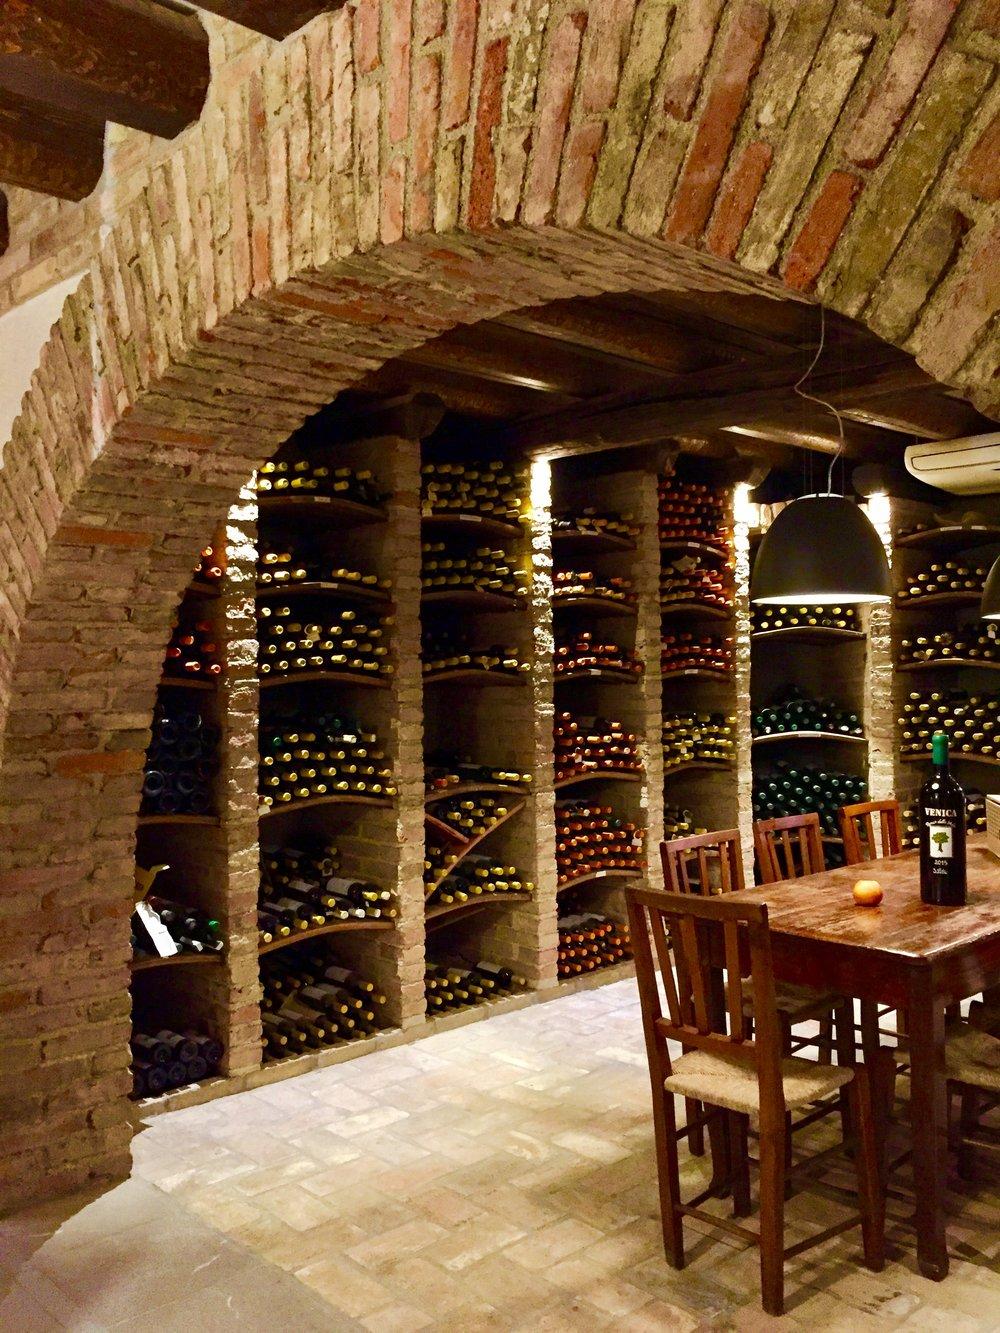 Wine cellar at Venica & Venica